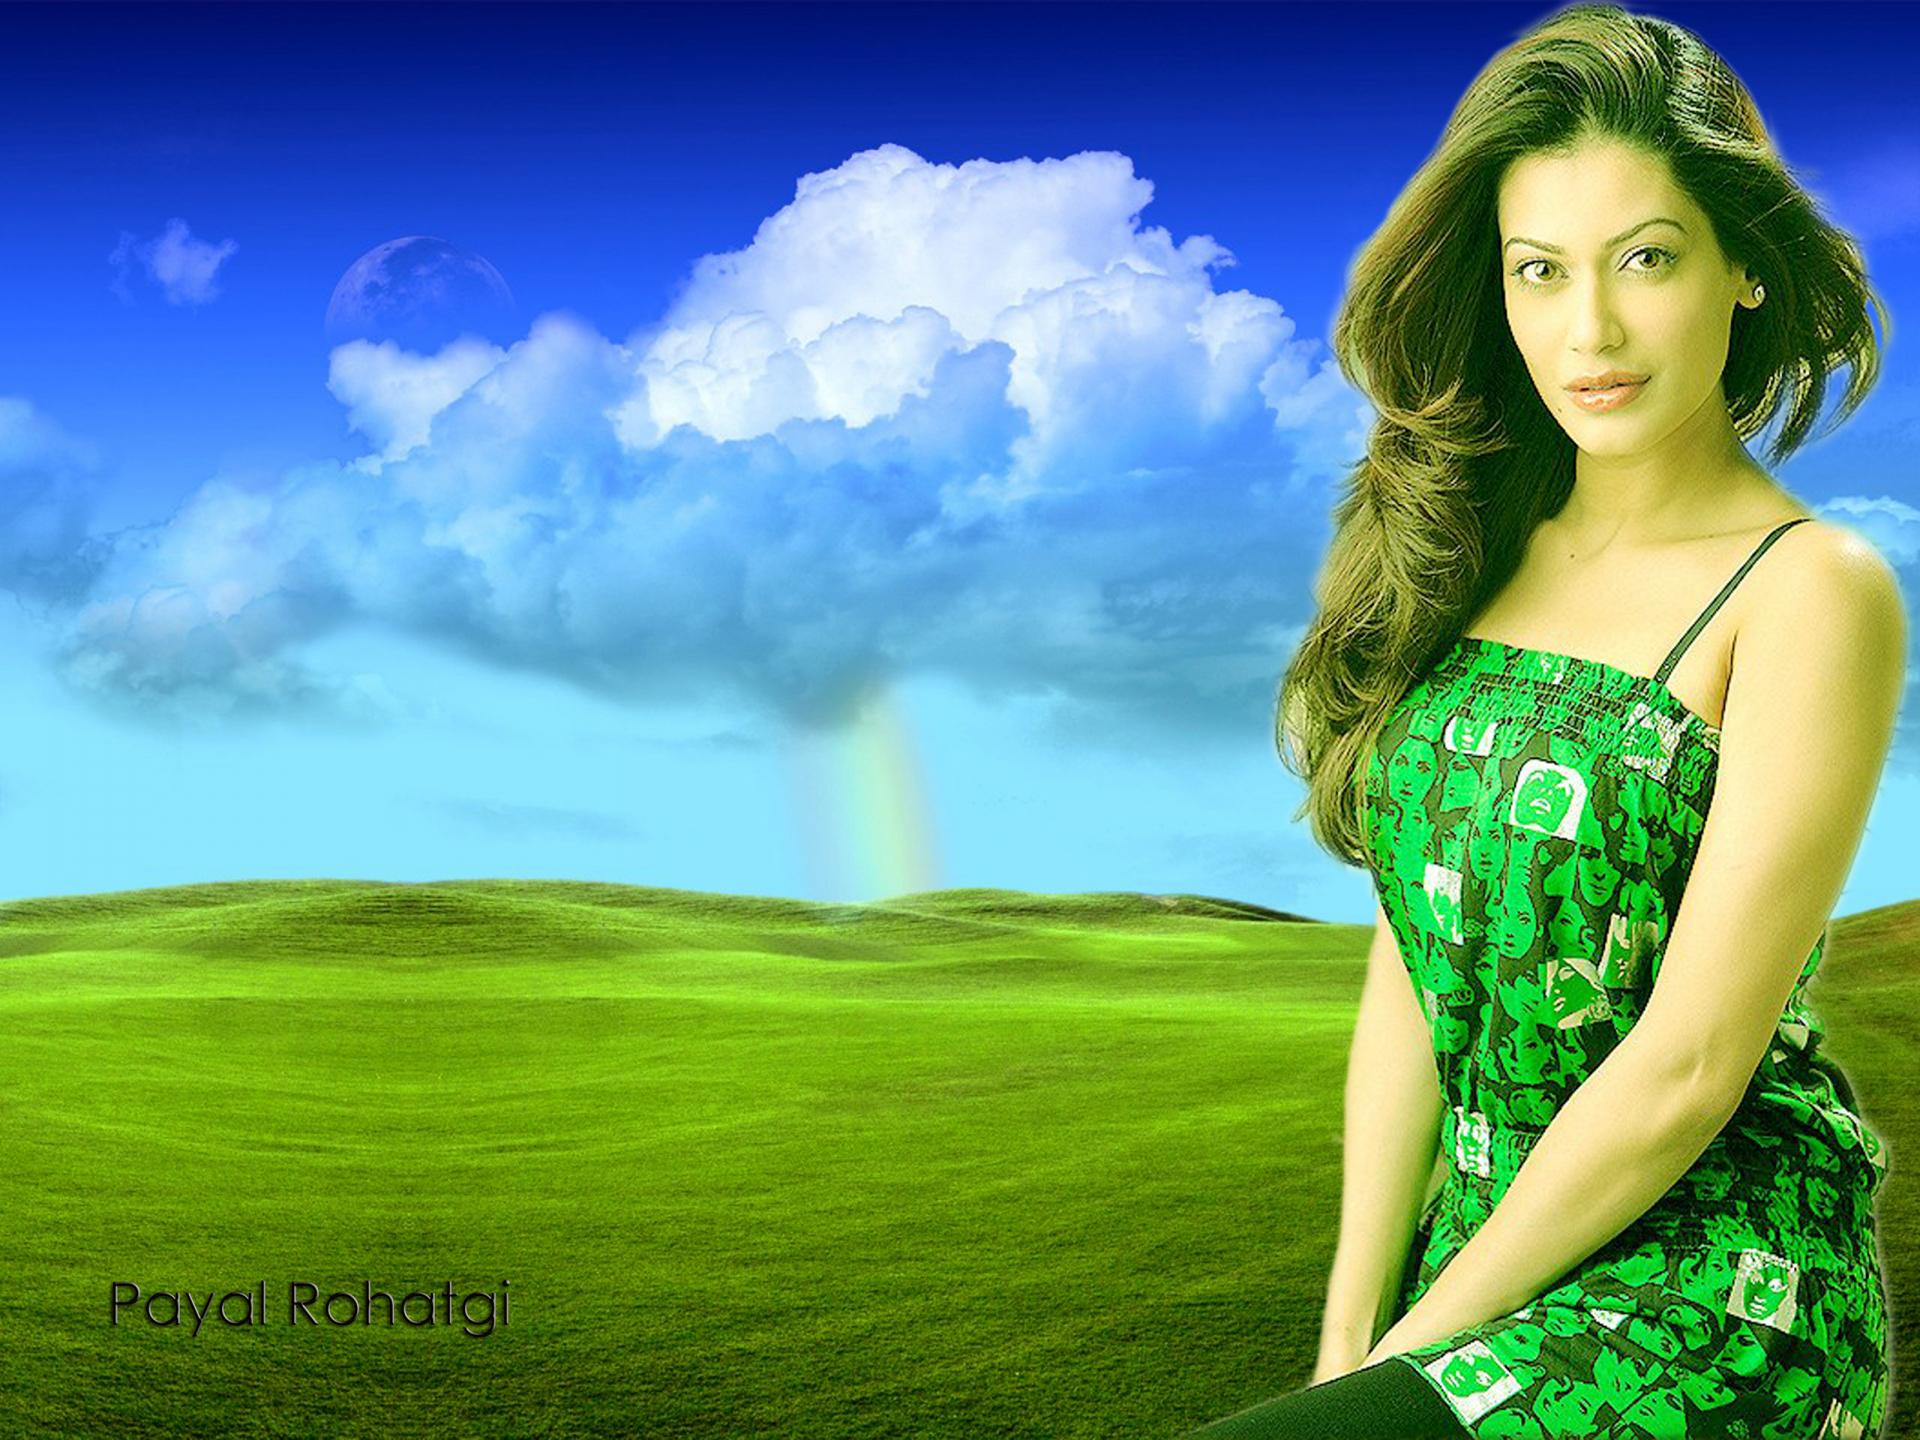 download payal rohatgi wallpaper | hd payal rohatgi wallpaper